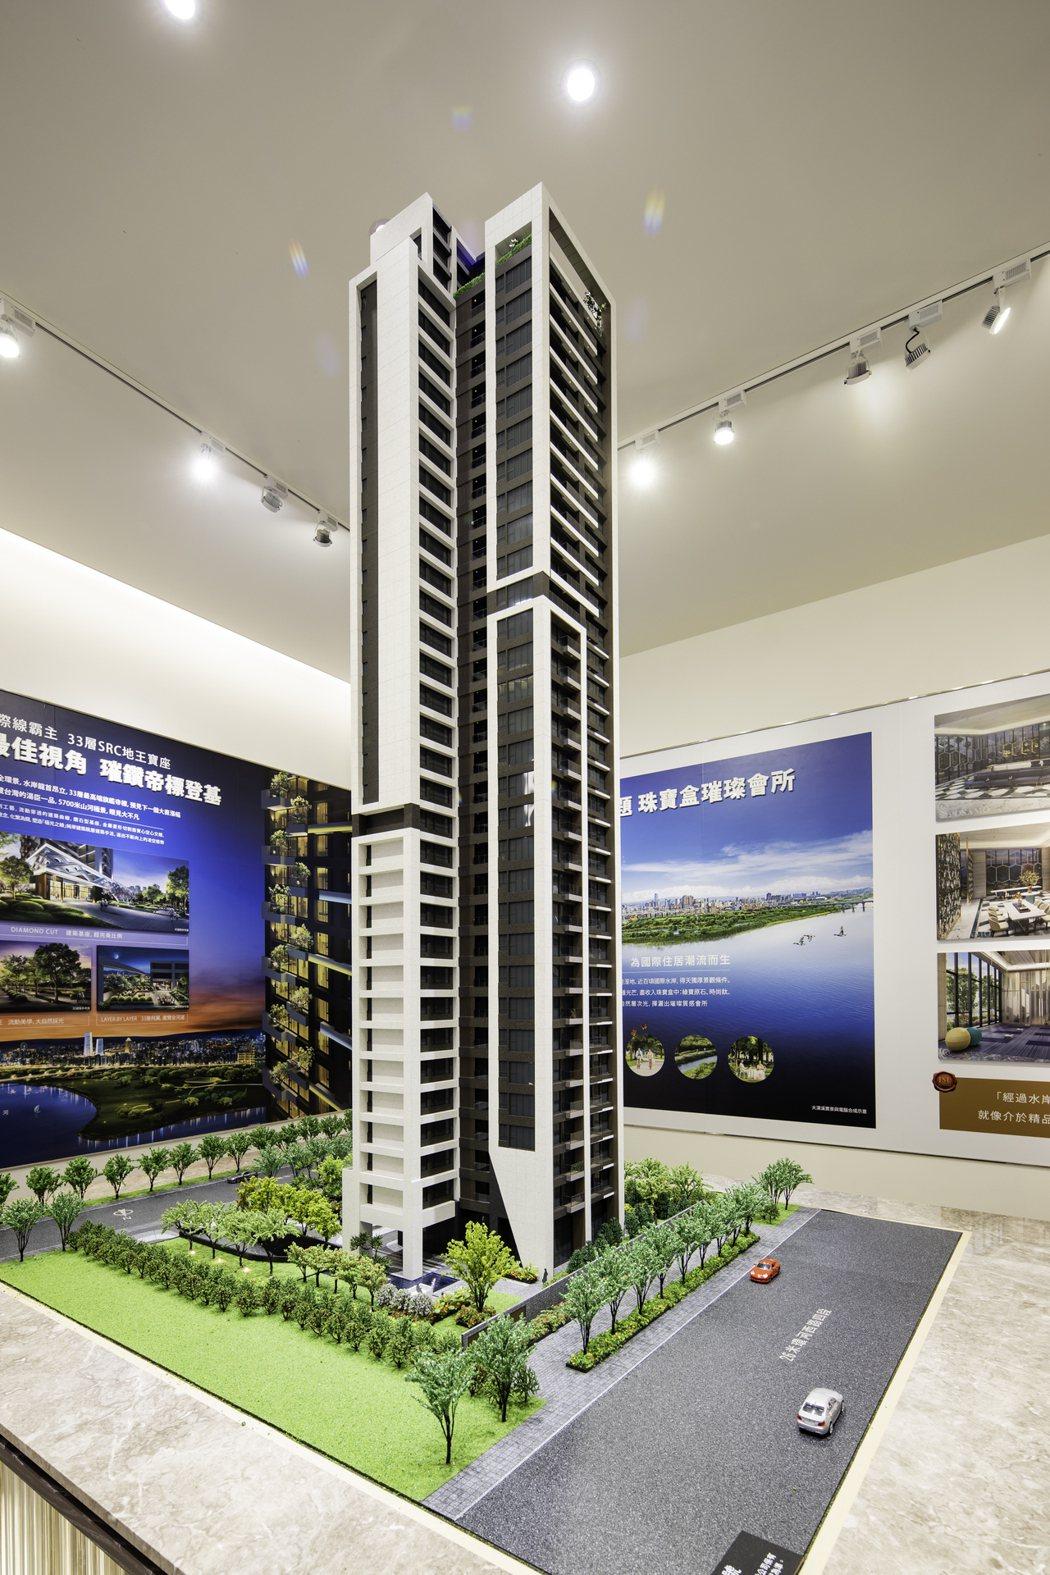 甲山林帝景1號以SRC打造安全超高樓,也成為江翠地標建築。